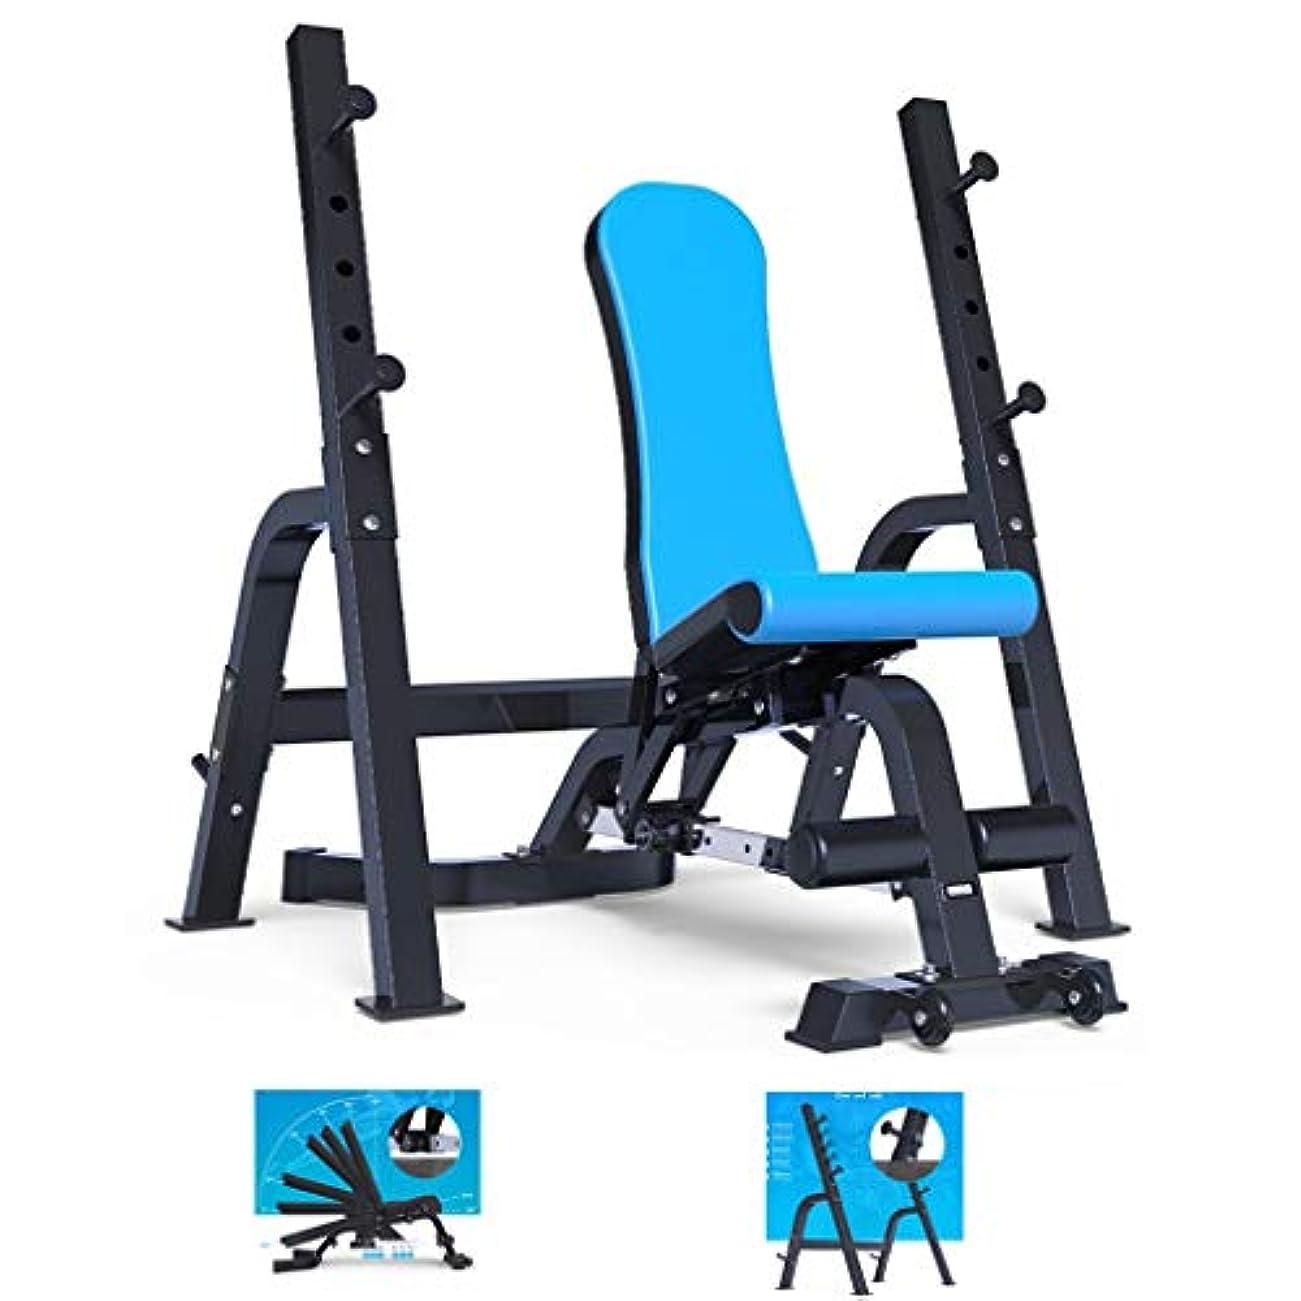 気体の接続された調停者トレーニングベンチ 多機能スクワットは重量挙げベッド/バーベルベッド フィットネス機器ベンチプレスラック ホームダンベルベンチフィットネスチェア スクワット ベンチプレス 安全な体重負荷ラック (Color : Blue)